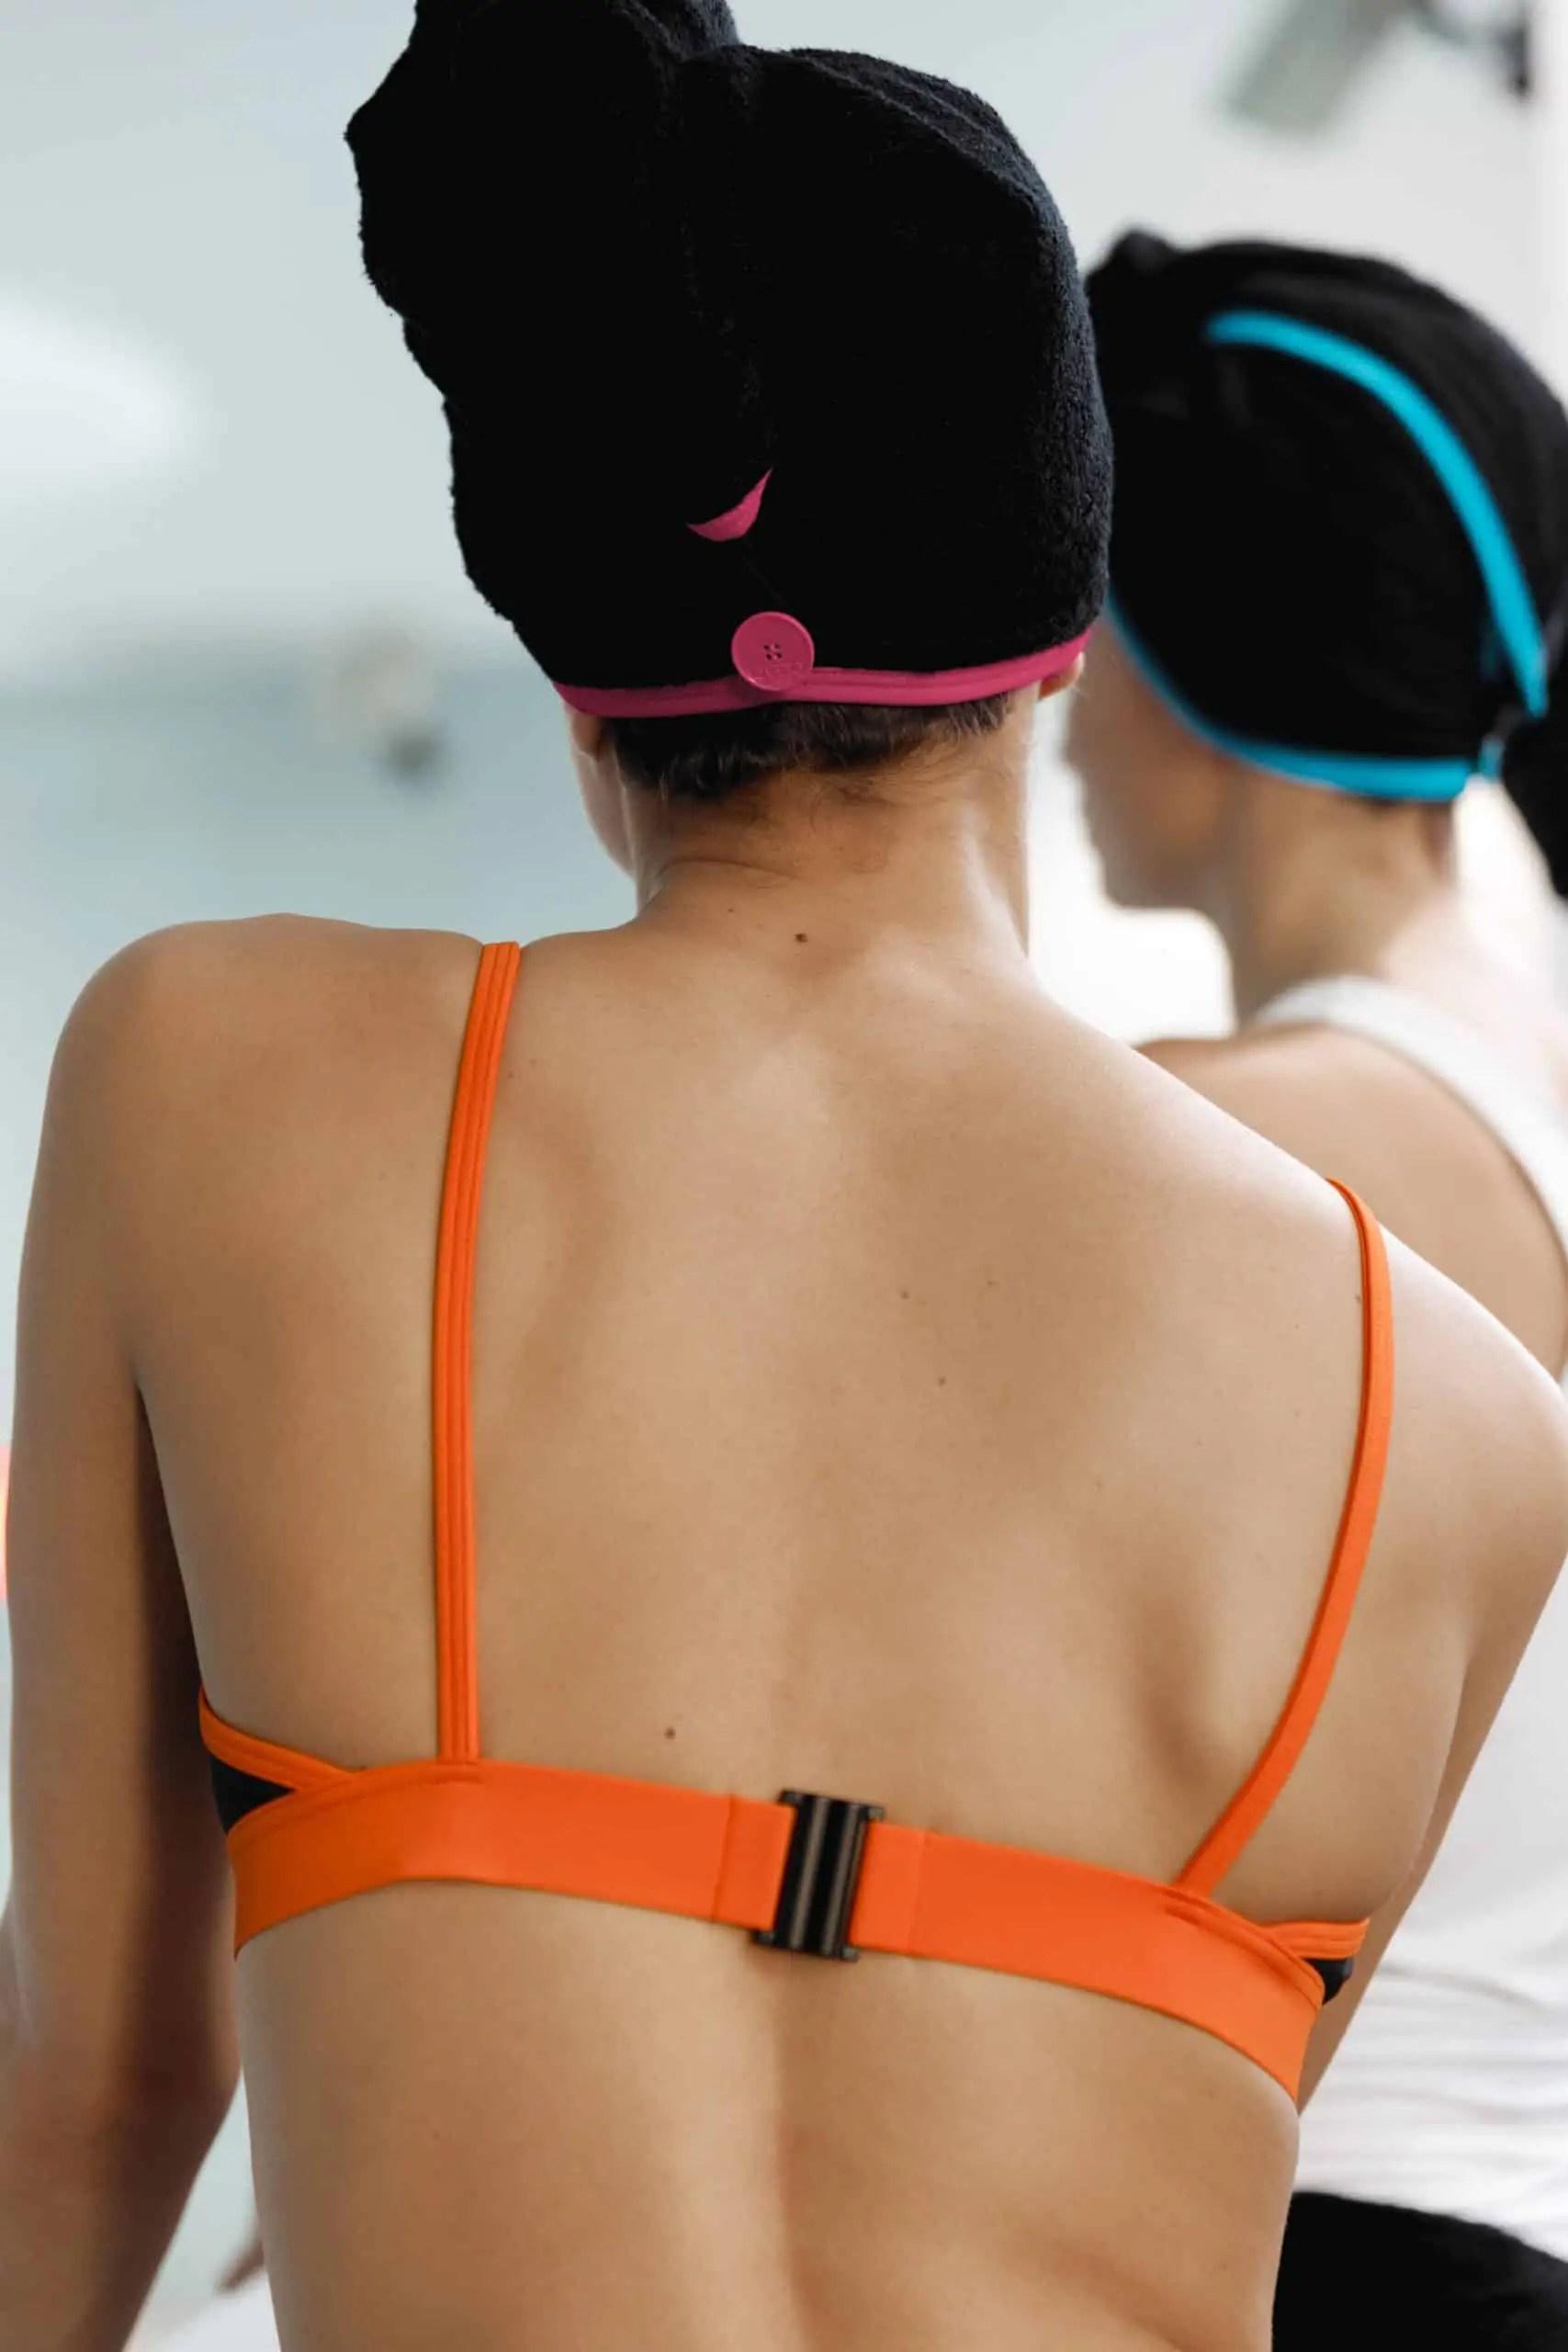 CARDOTICO Serviette cheveux eponge noire rose CARDO Paris piscine swimwear joli élégant confortable français